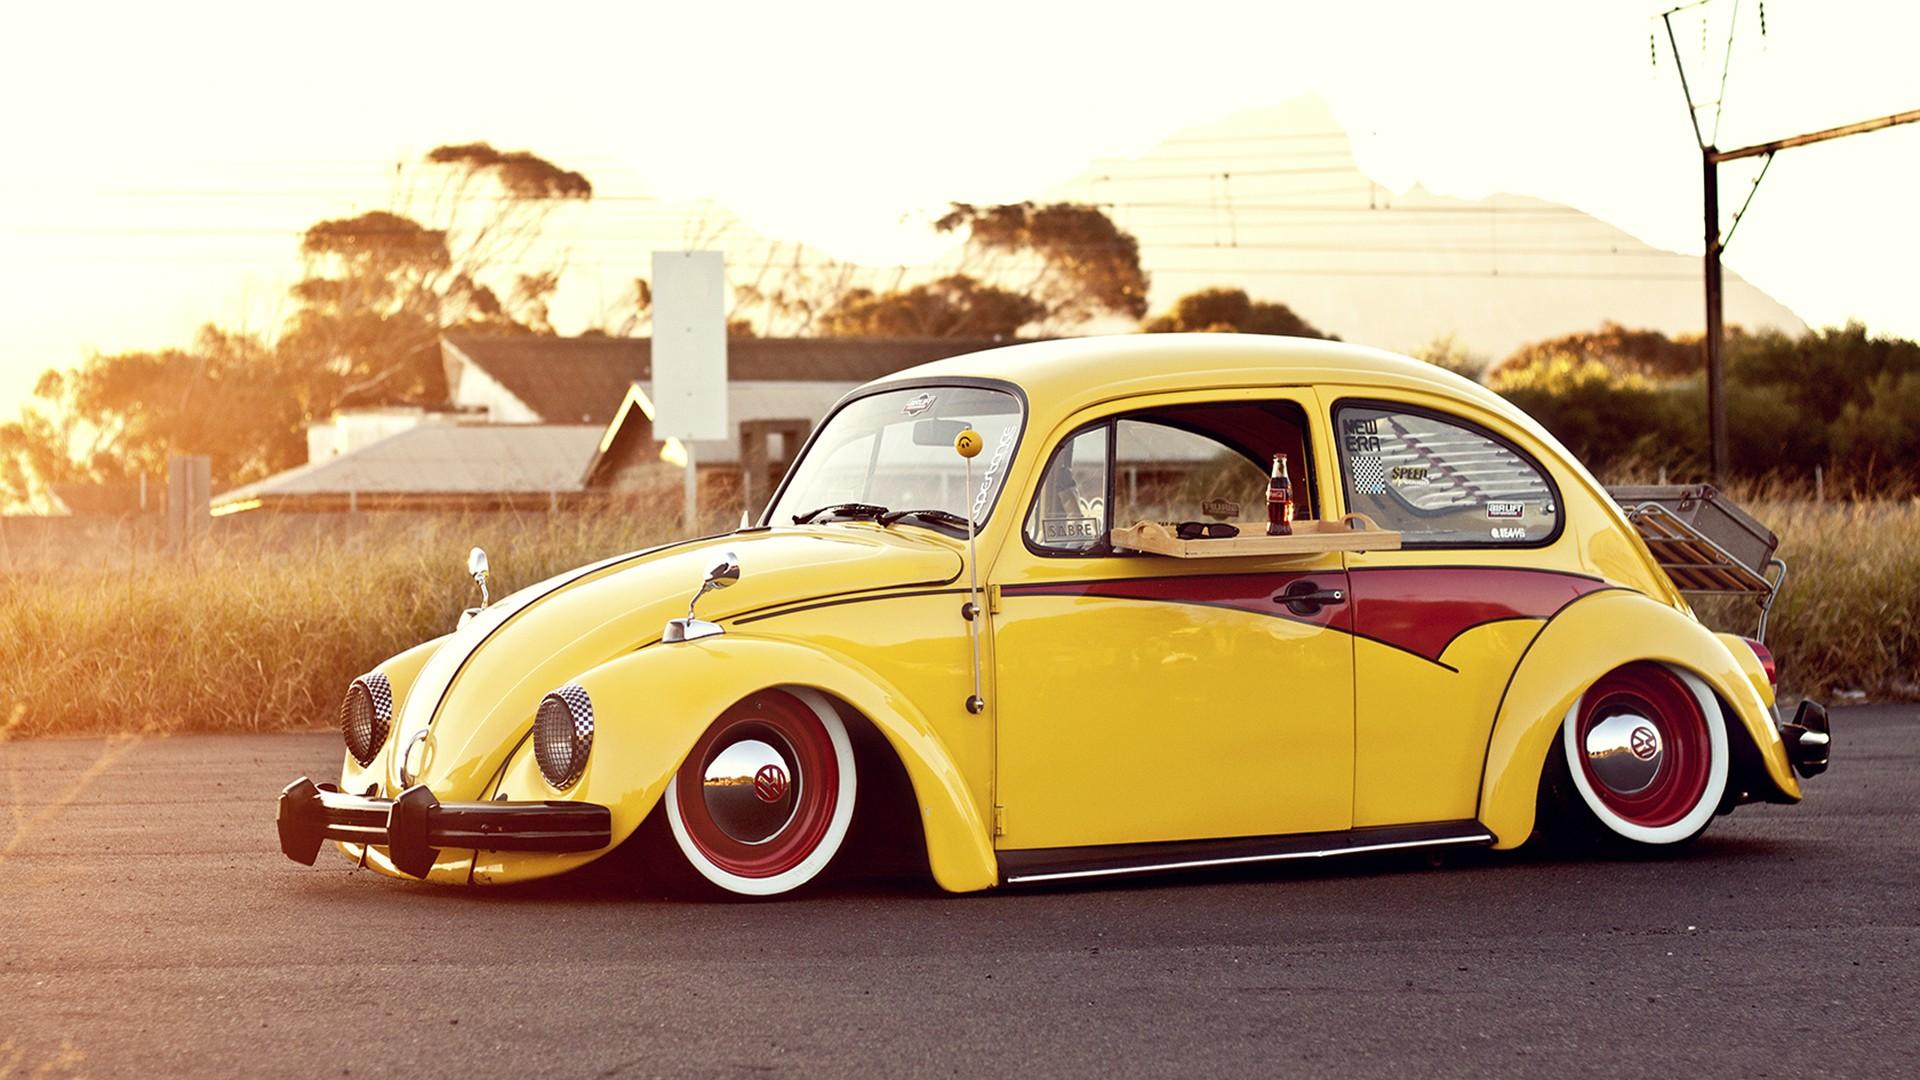 Volkswagen Beetle Images Volkswagen Beetle Volkswagen Kafer